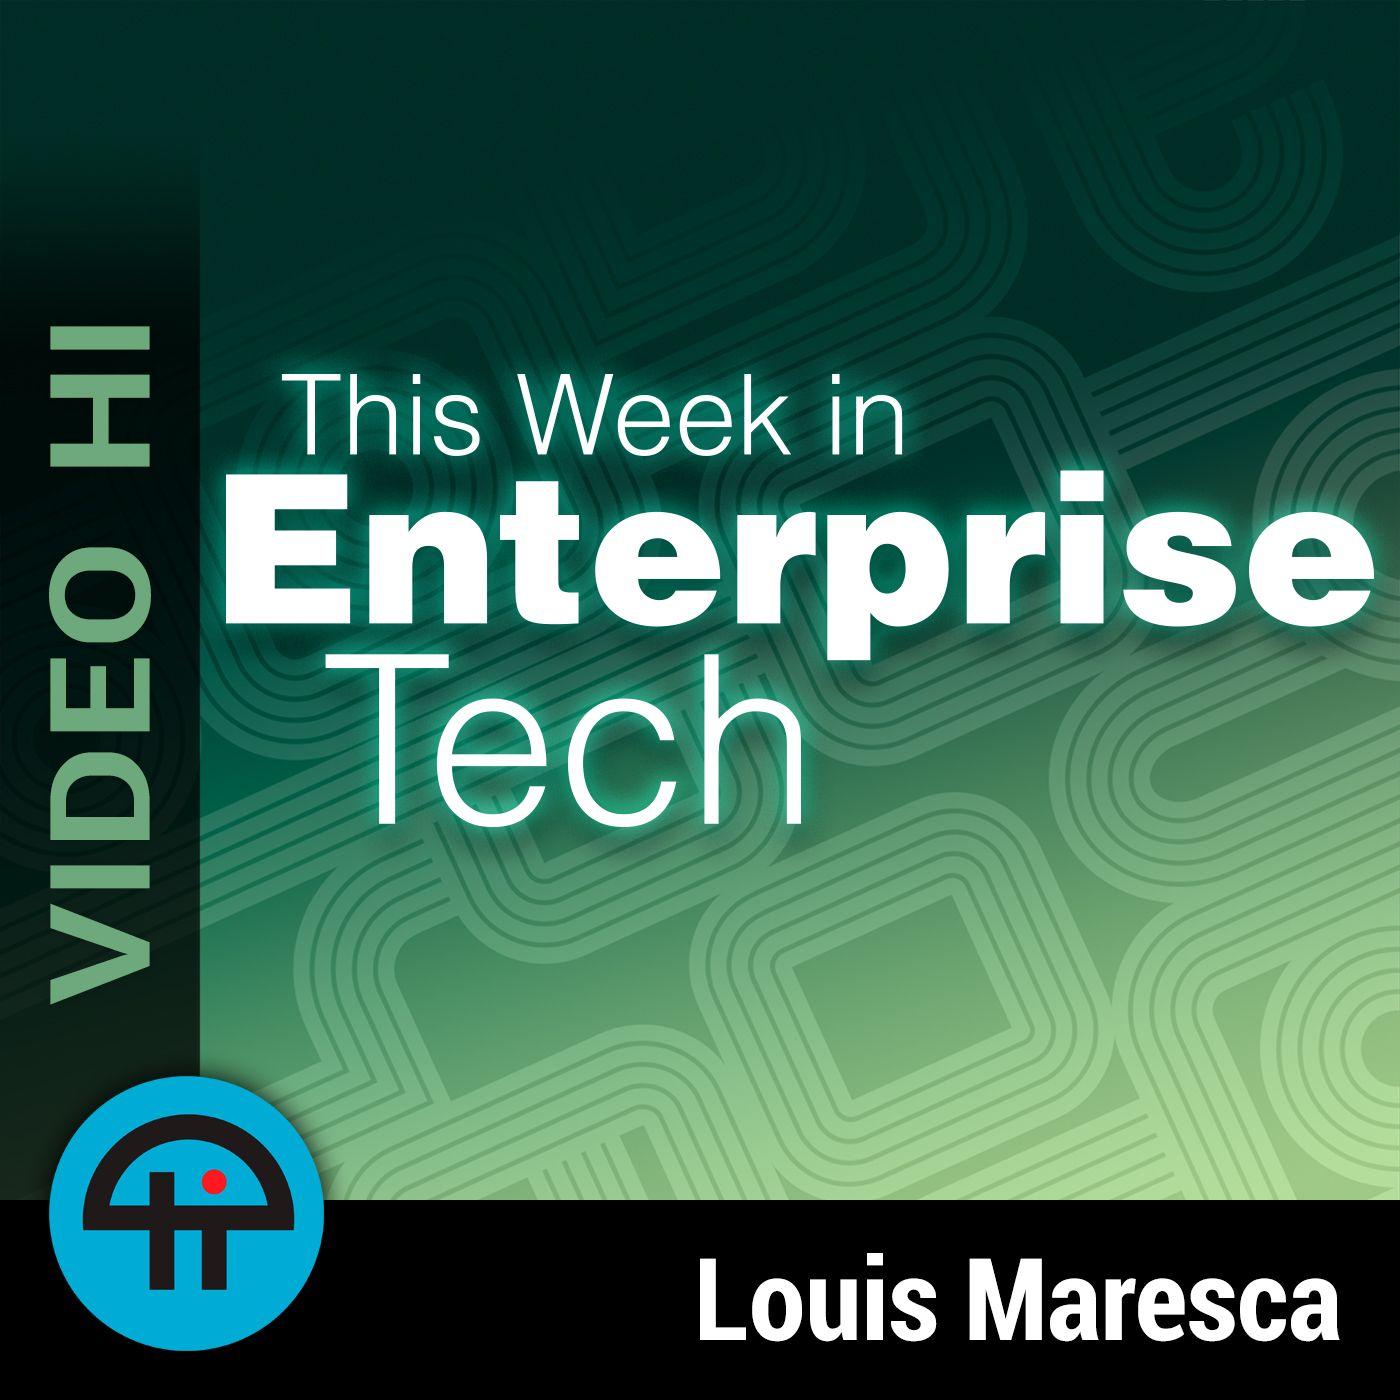 This Week in Enterprise Tech (Video-HI)